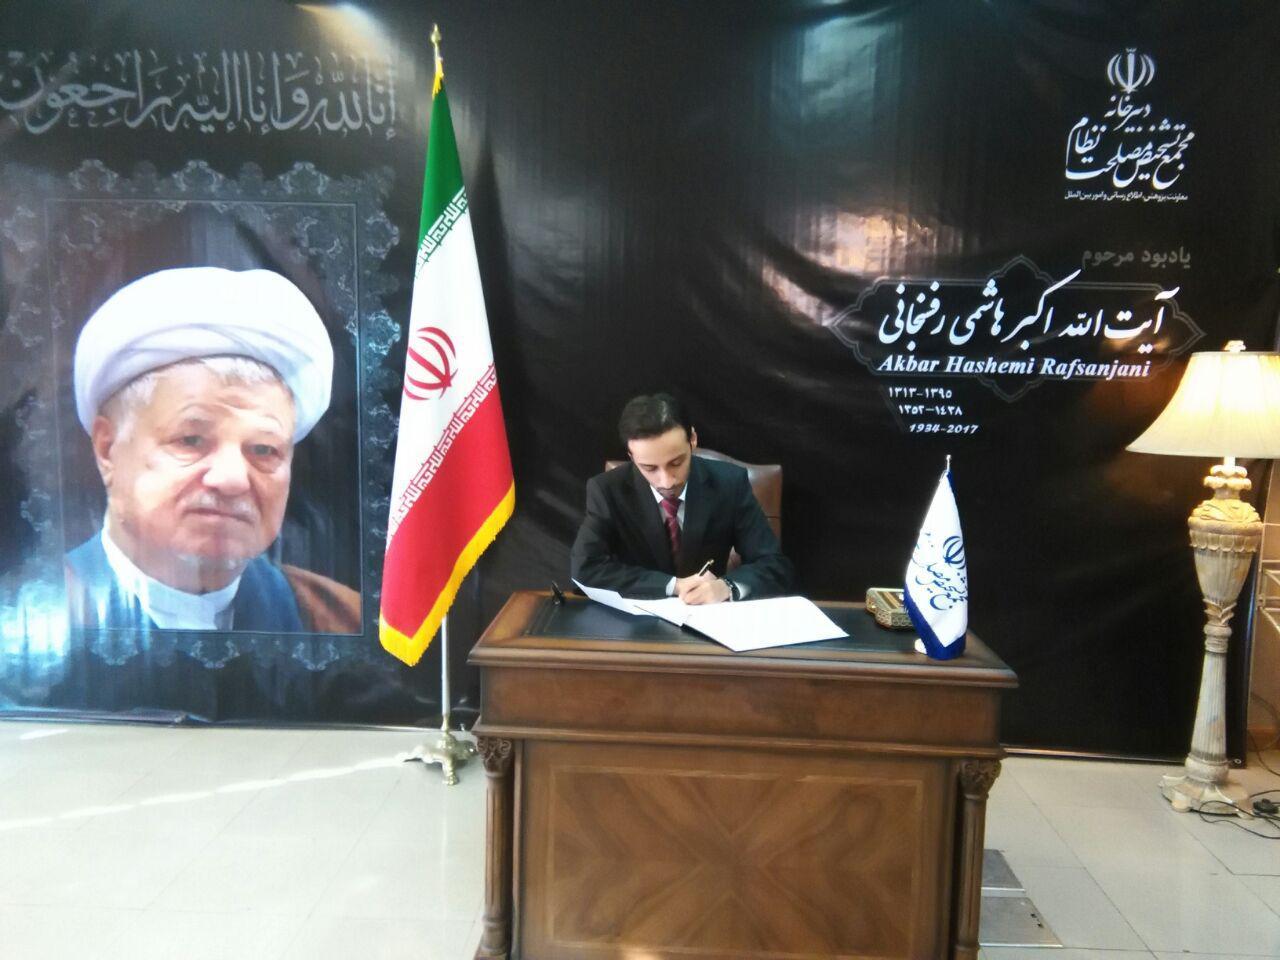 ادای احترام جمعی از سفرای خارجی به آیتالله هاشمی رفسنجانی + تصاویر